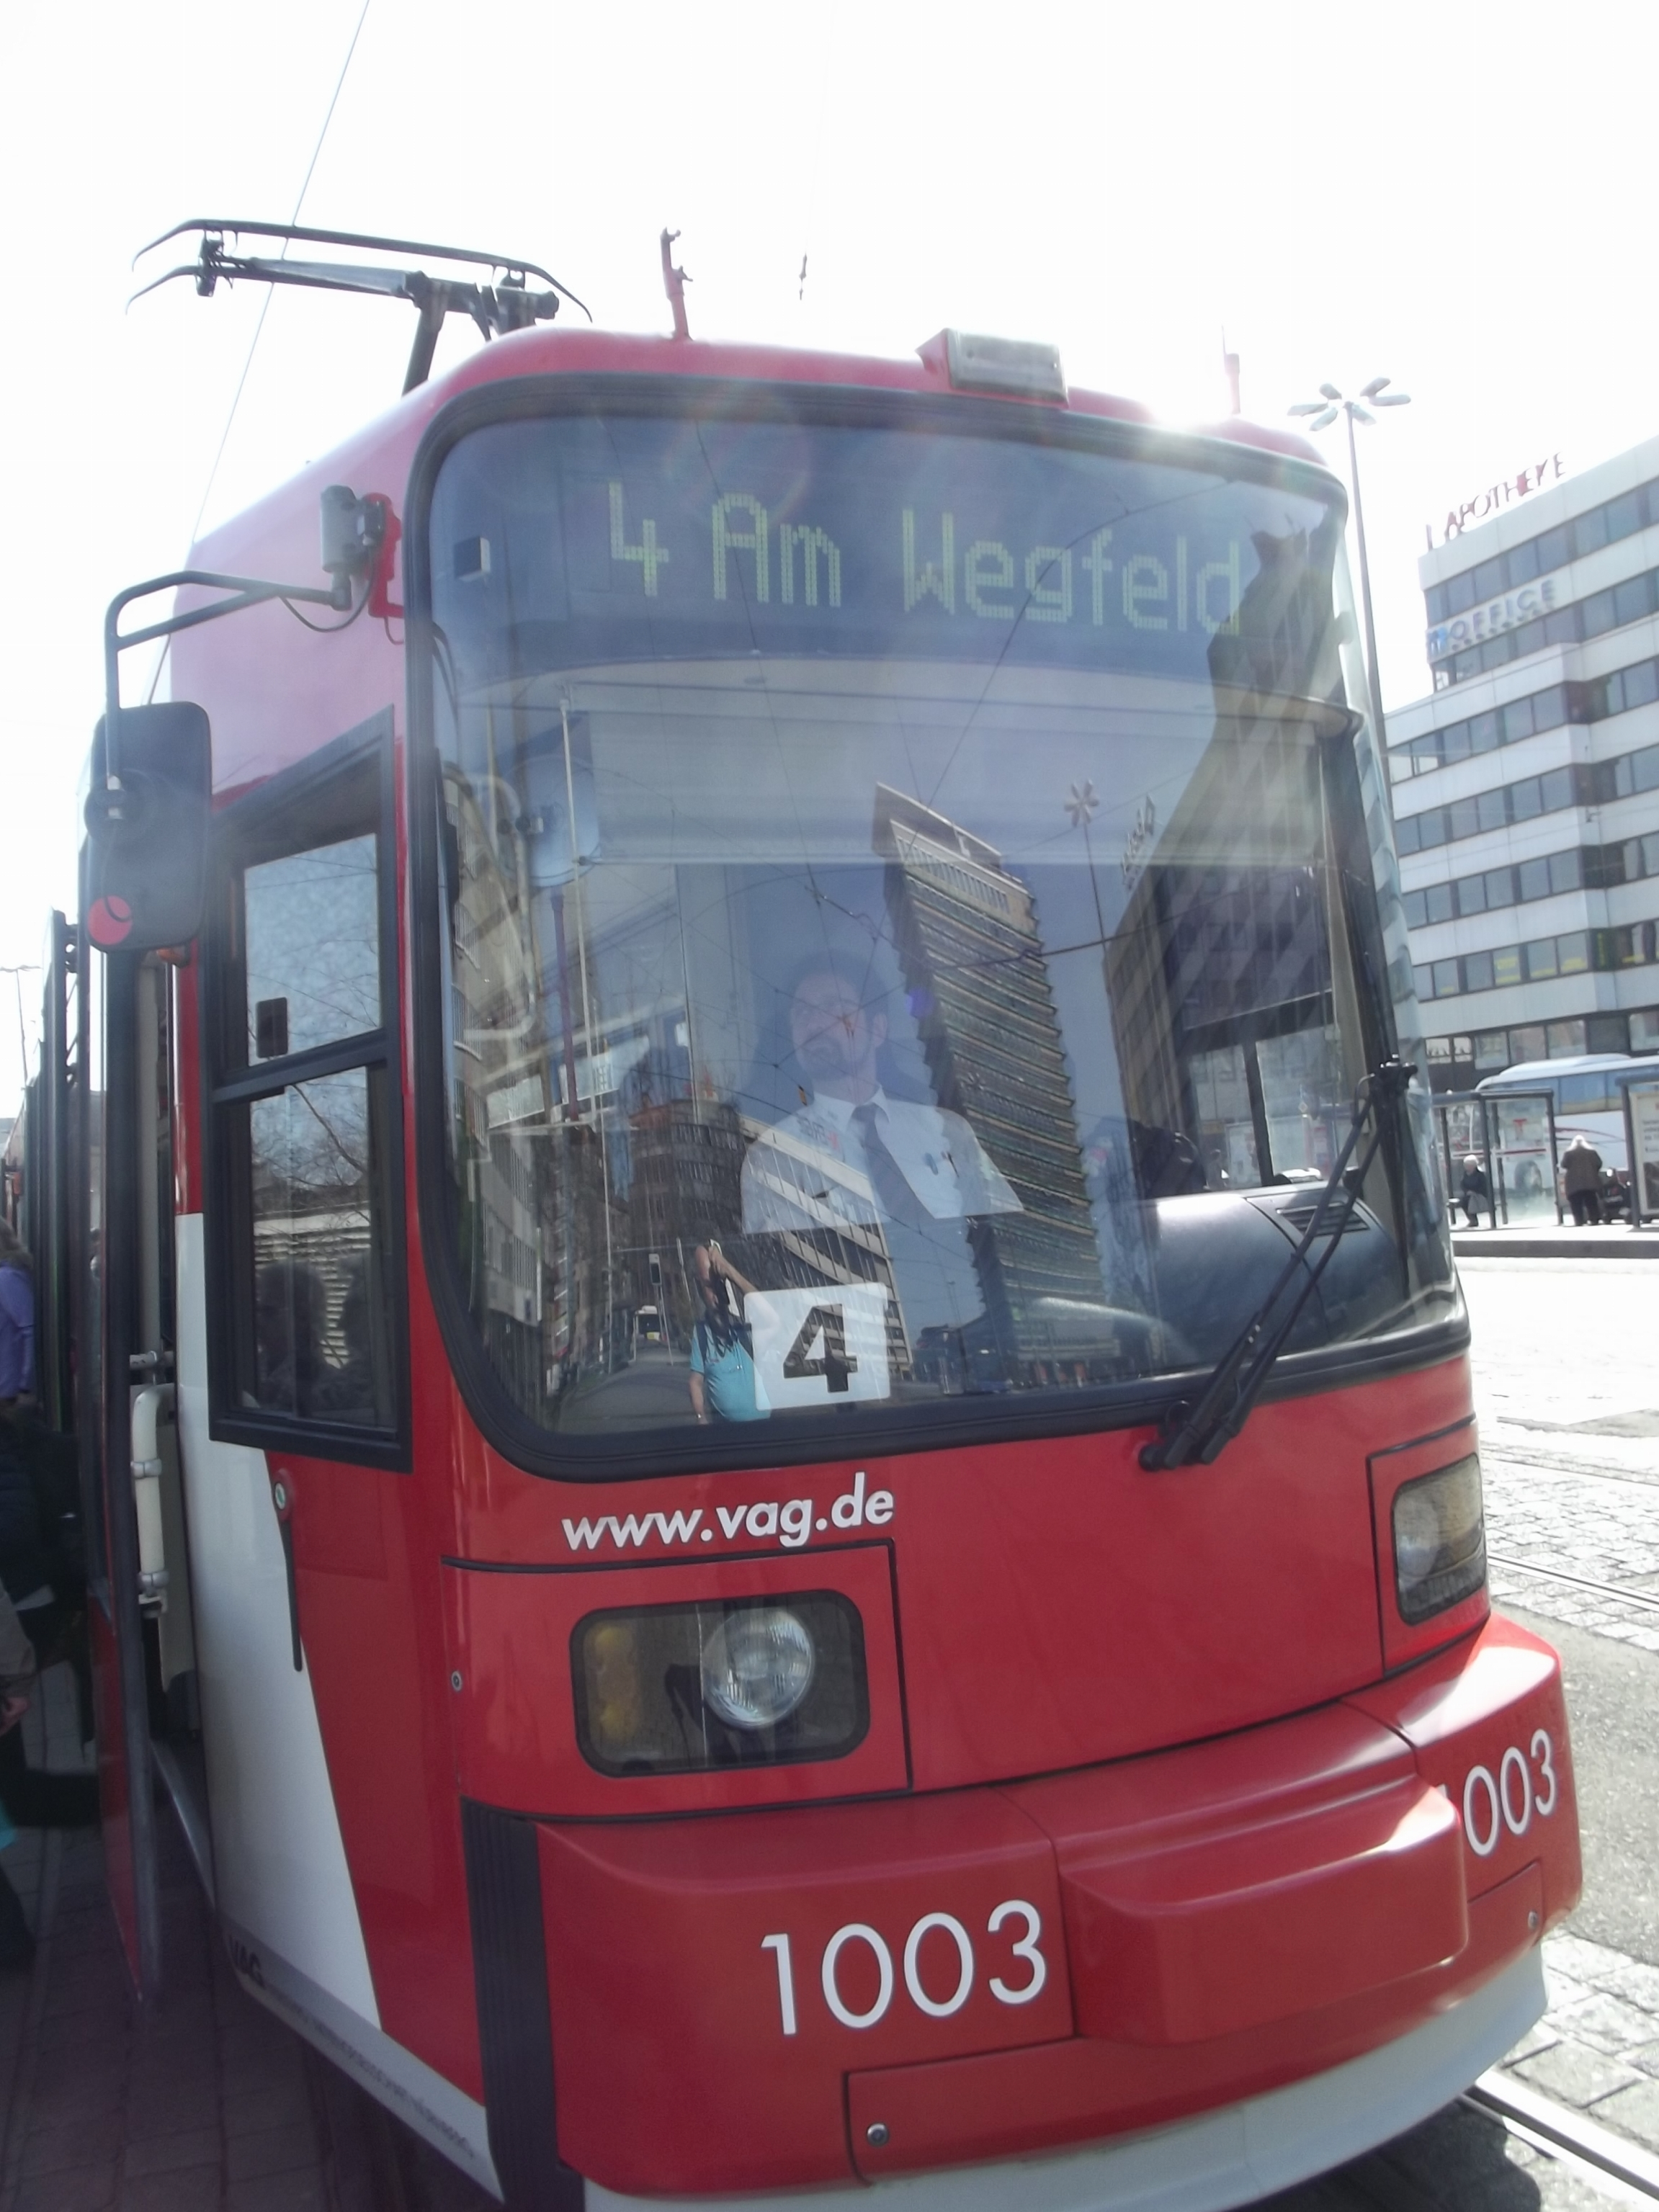 Straßenbahn in Nürnberg